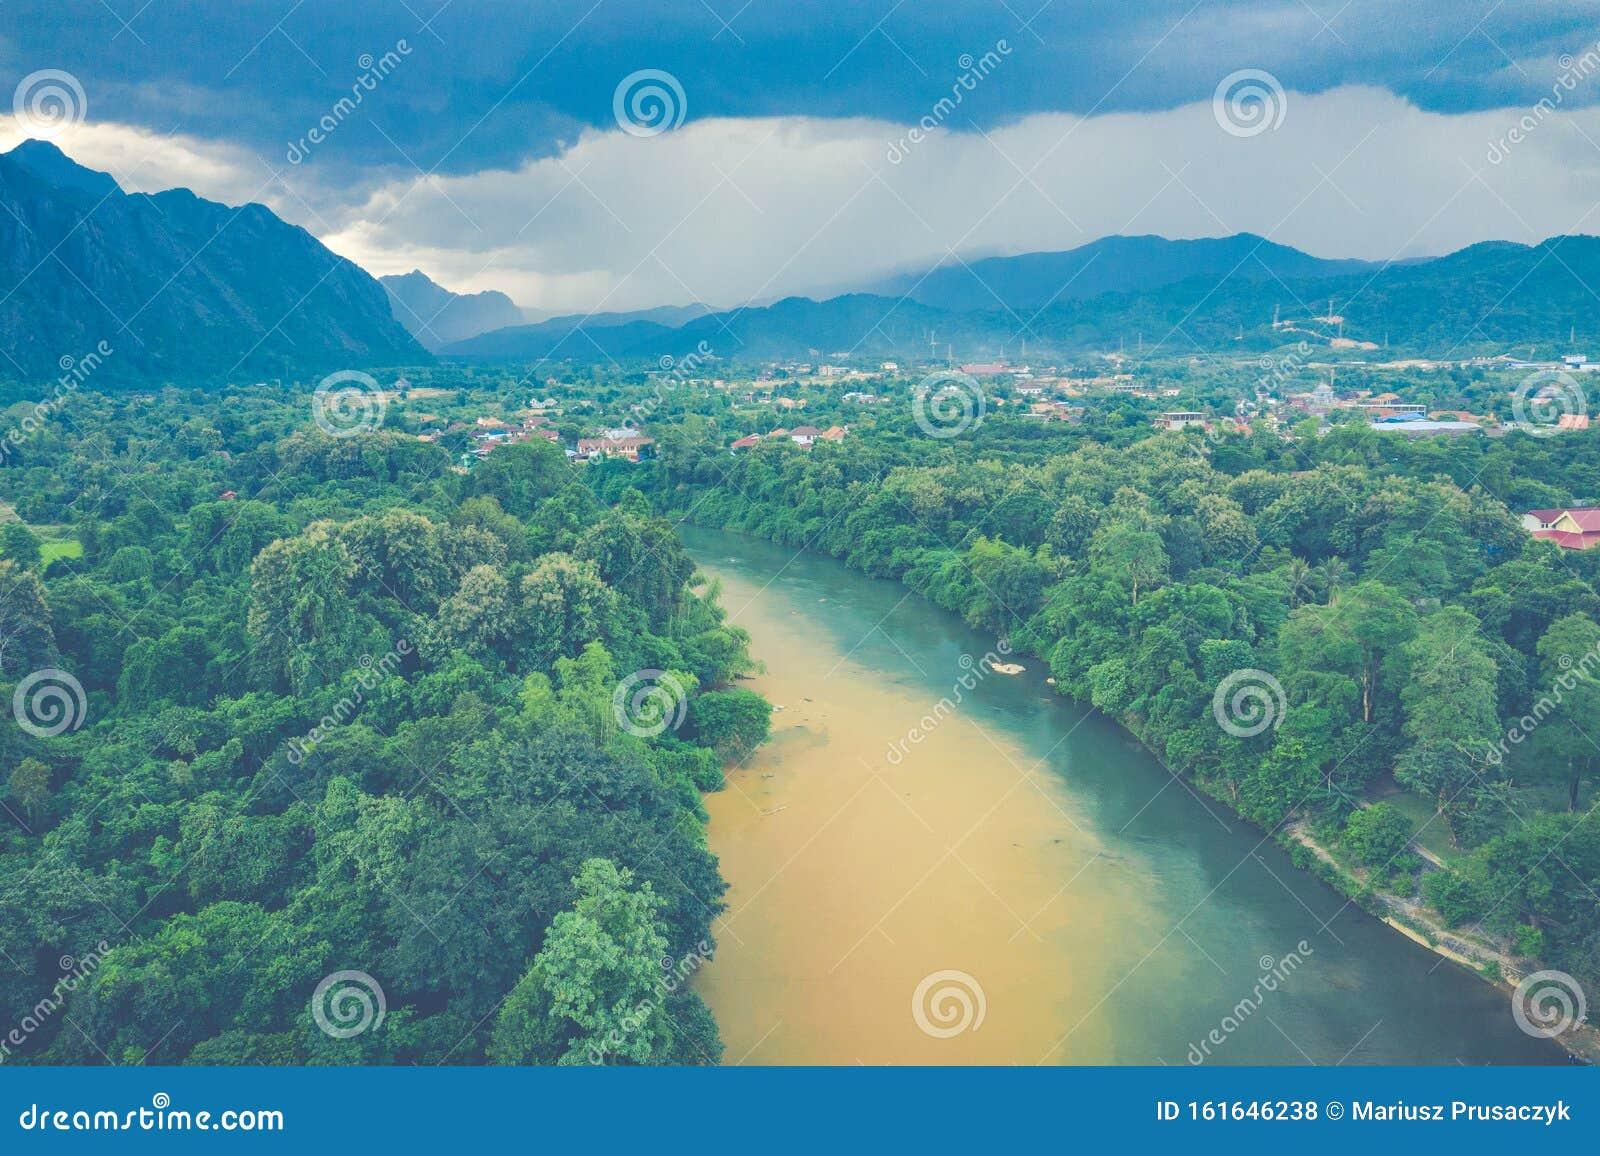 Aerial View Of Beautiful Landscapes At Vang Vieng , Laos